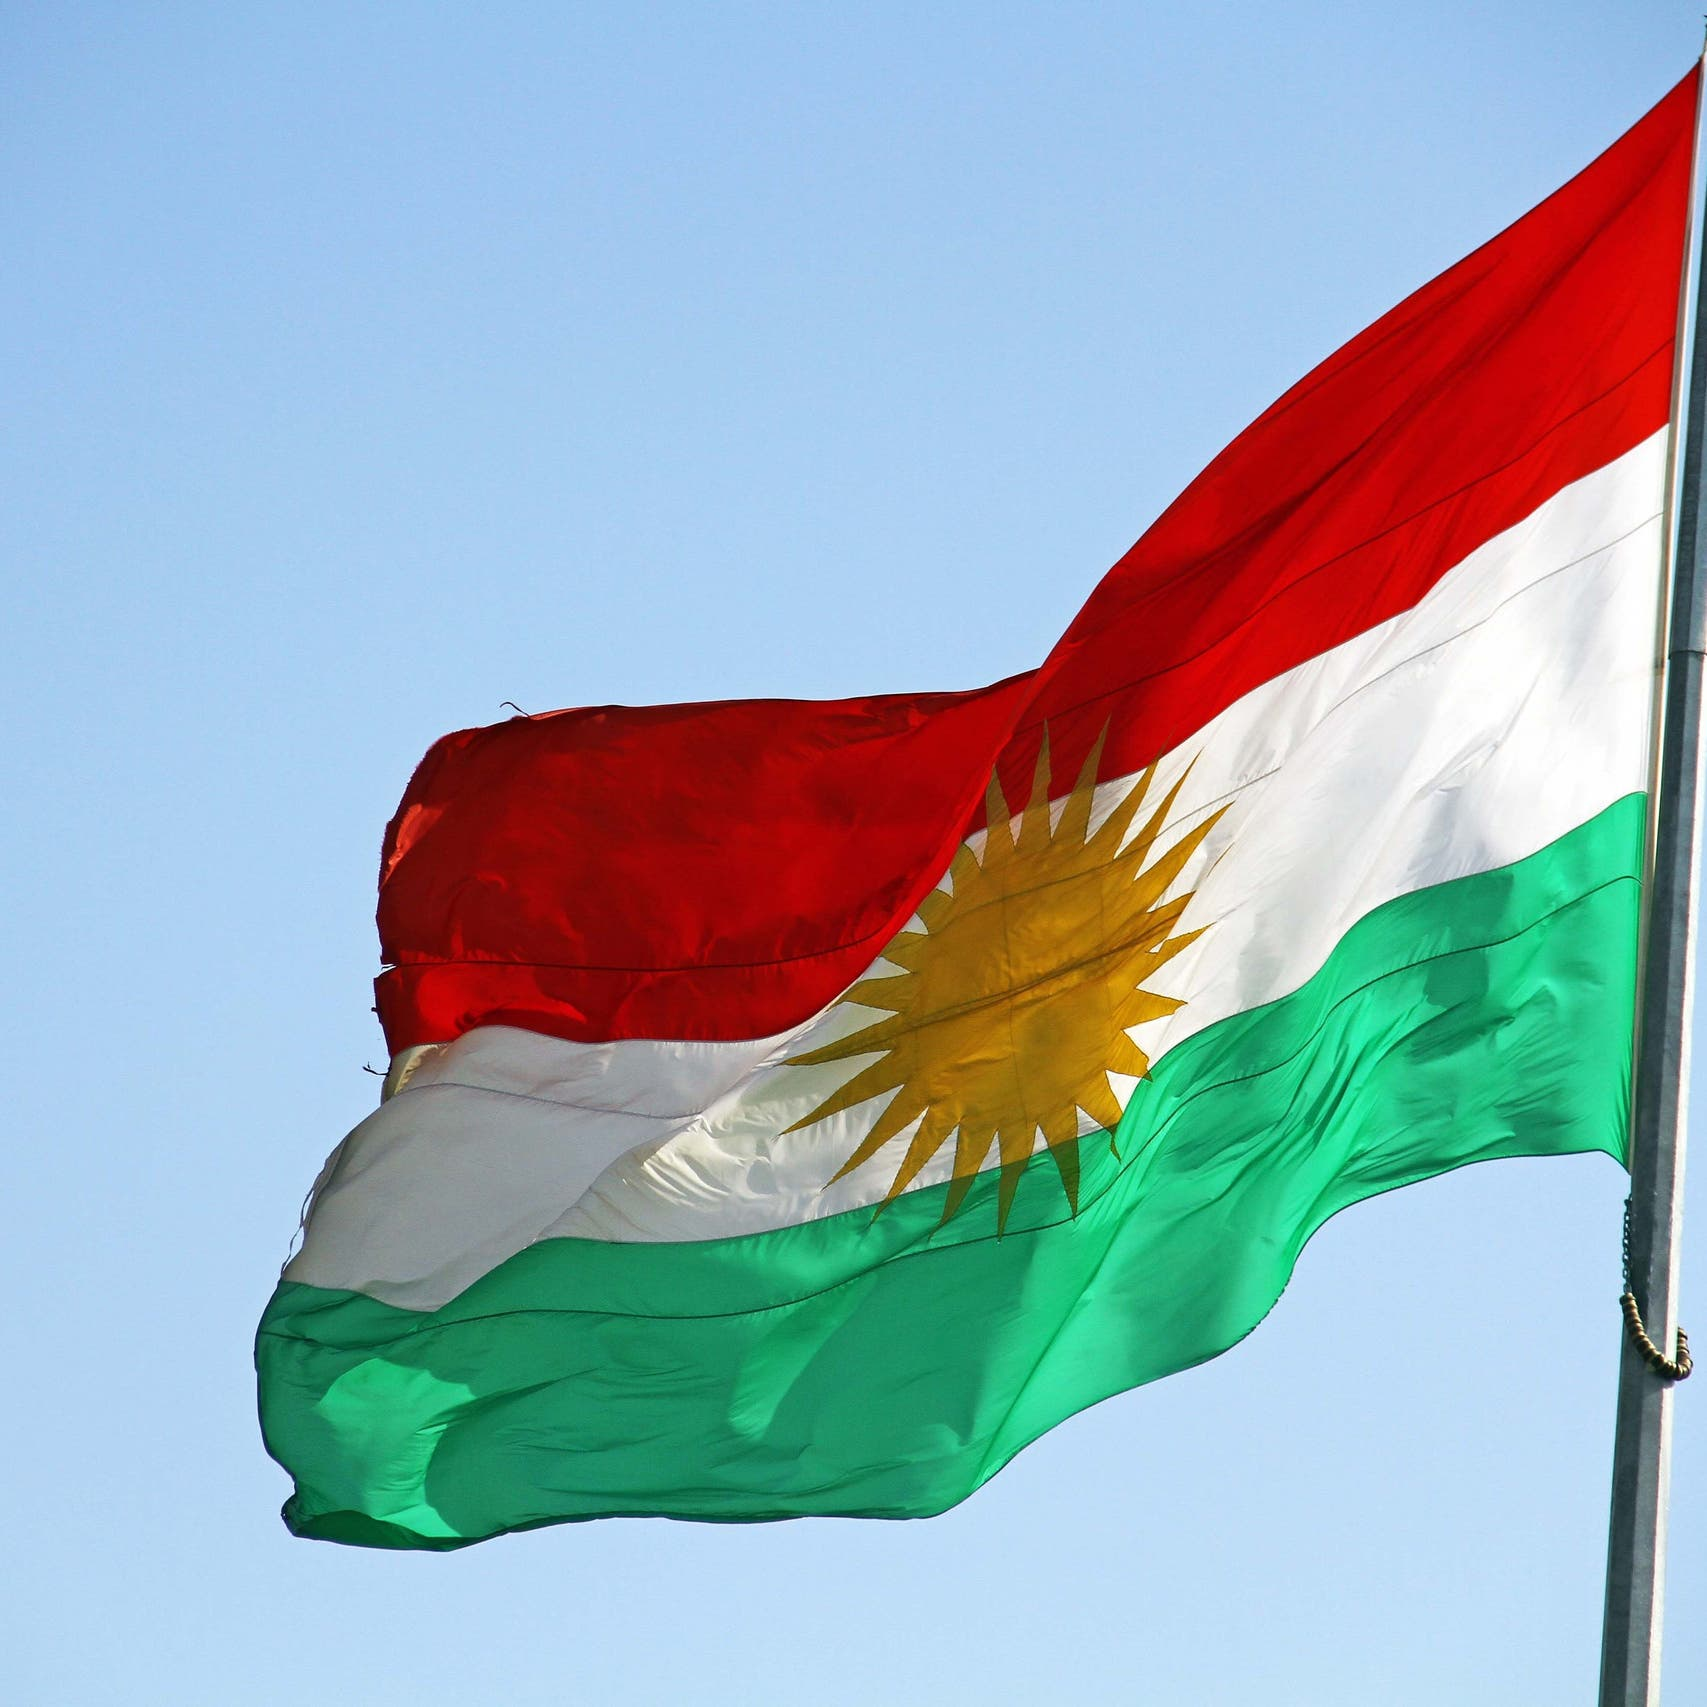 حكومة إقليم كردستان العراق تنال الثقة وتؤدي اليمين